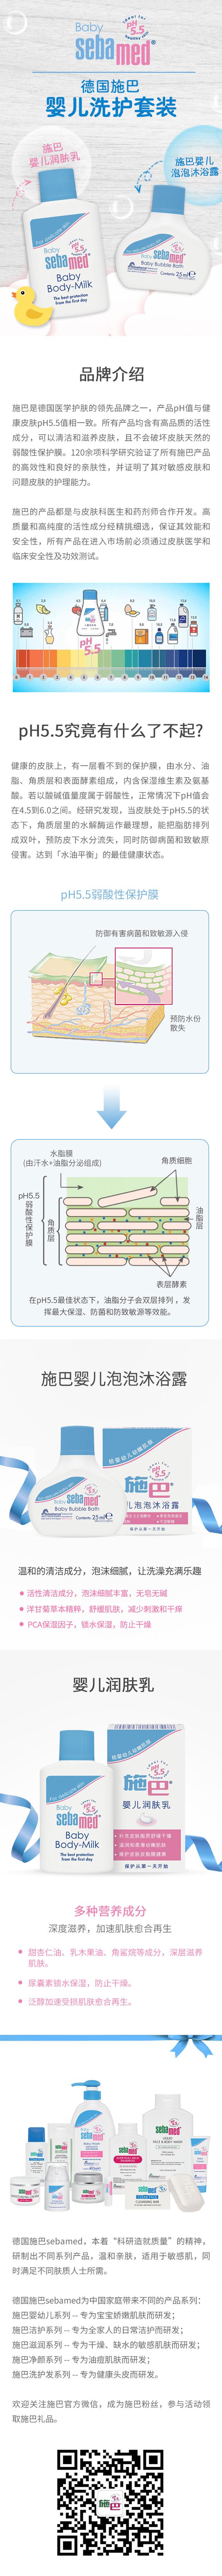 详情(2).jpg